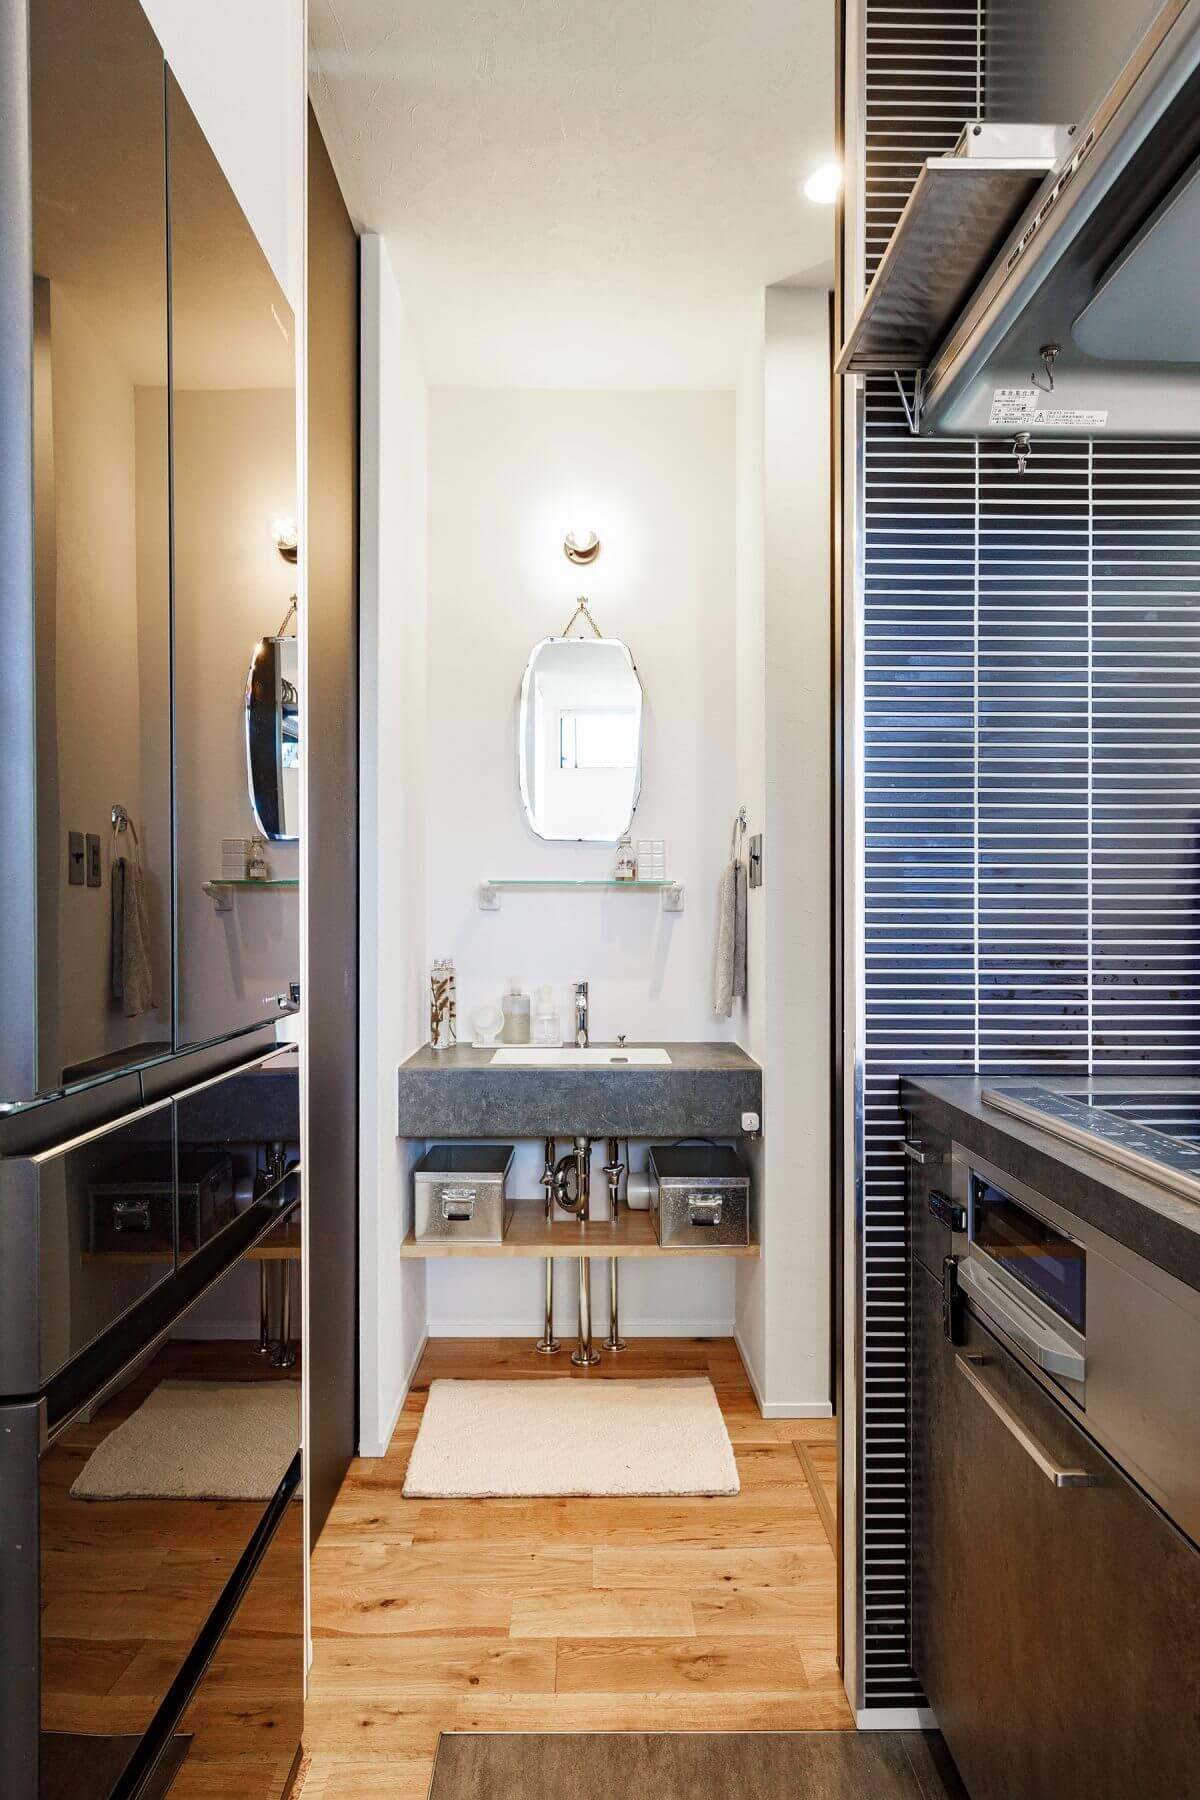 キッチンの奥には引き戸があり、そこを開けると手洗いコーナー、水まわりへと繋がっています。キッチンを起点にグルグルと回れる、回遊式の家事動線を採用しています。